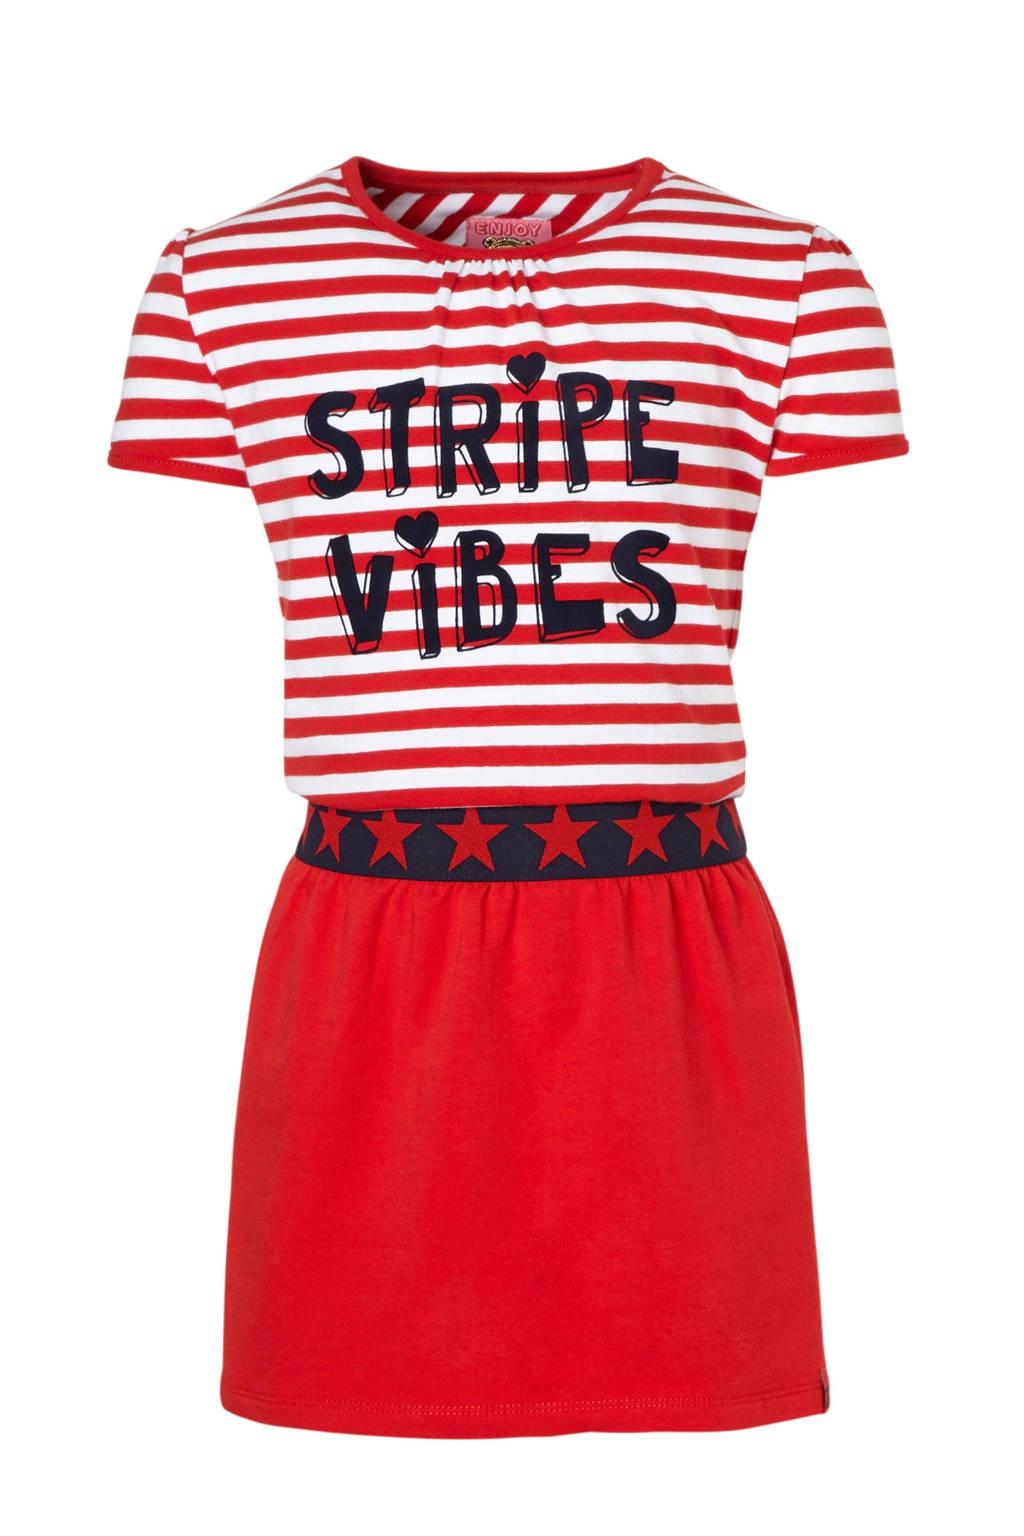 Z8 gestreepte jurk Yara met tekst rood, Rood/wit